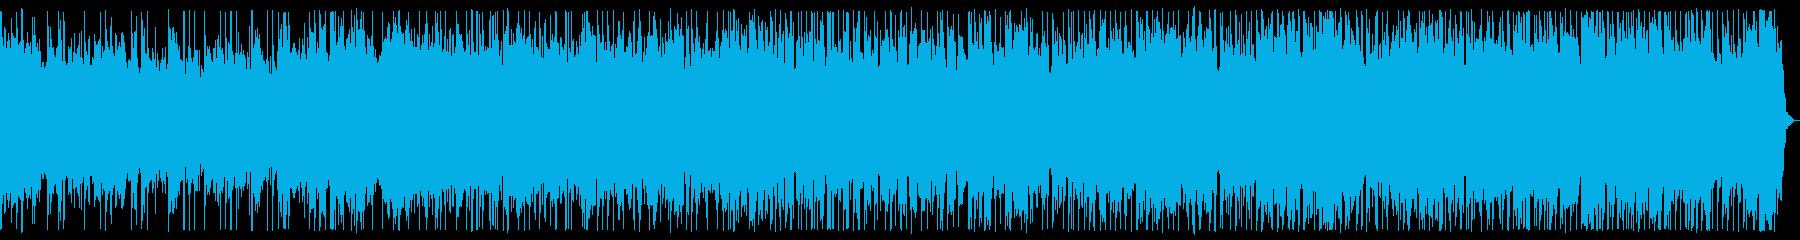 スロー、ダークなメタルBGMの再生済みの波形